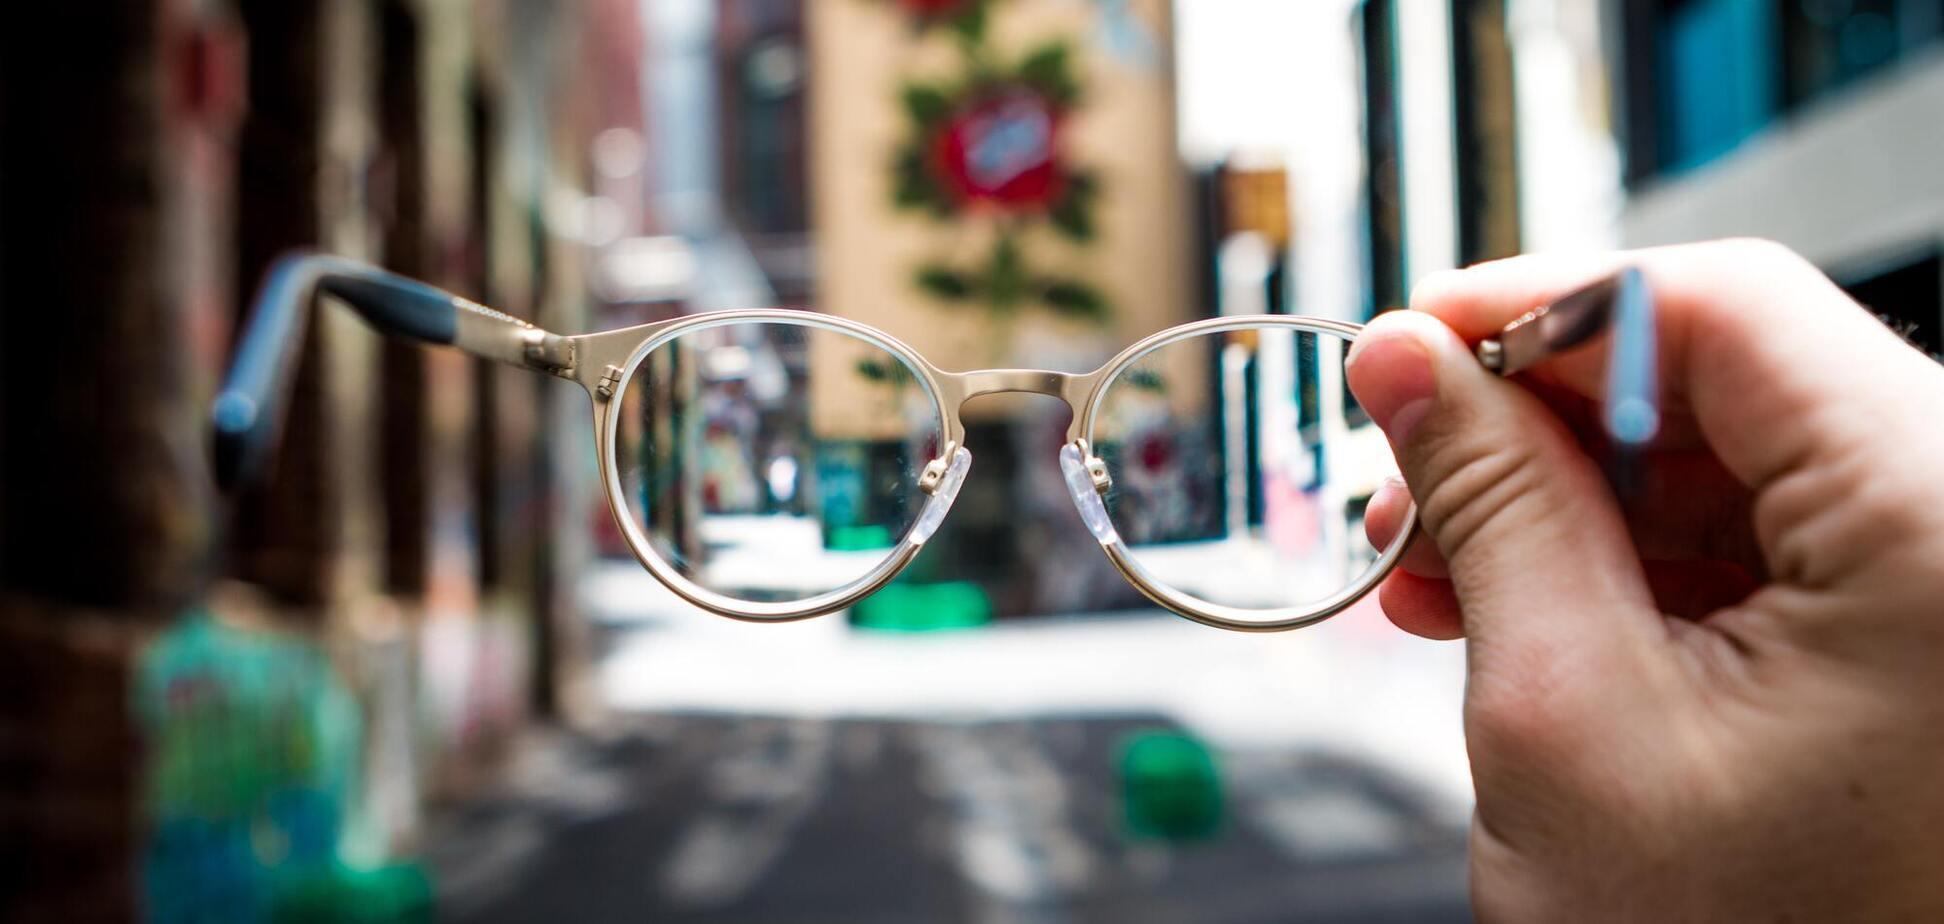 Міжнародний день сліпих відзначається 13 листопада